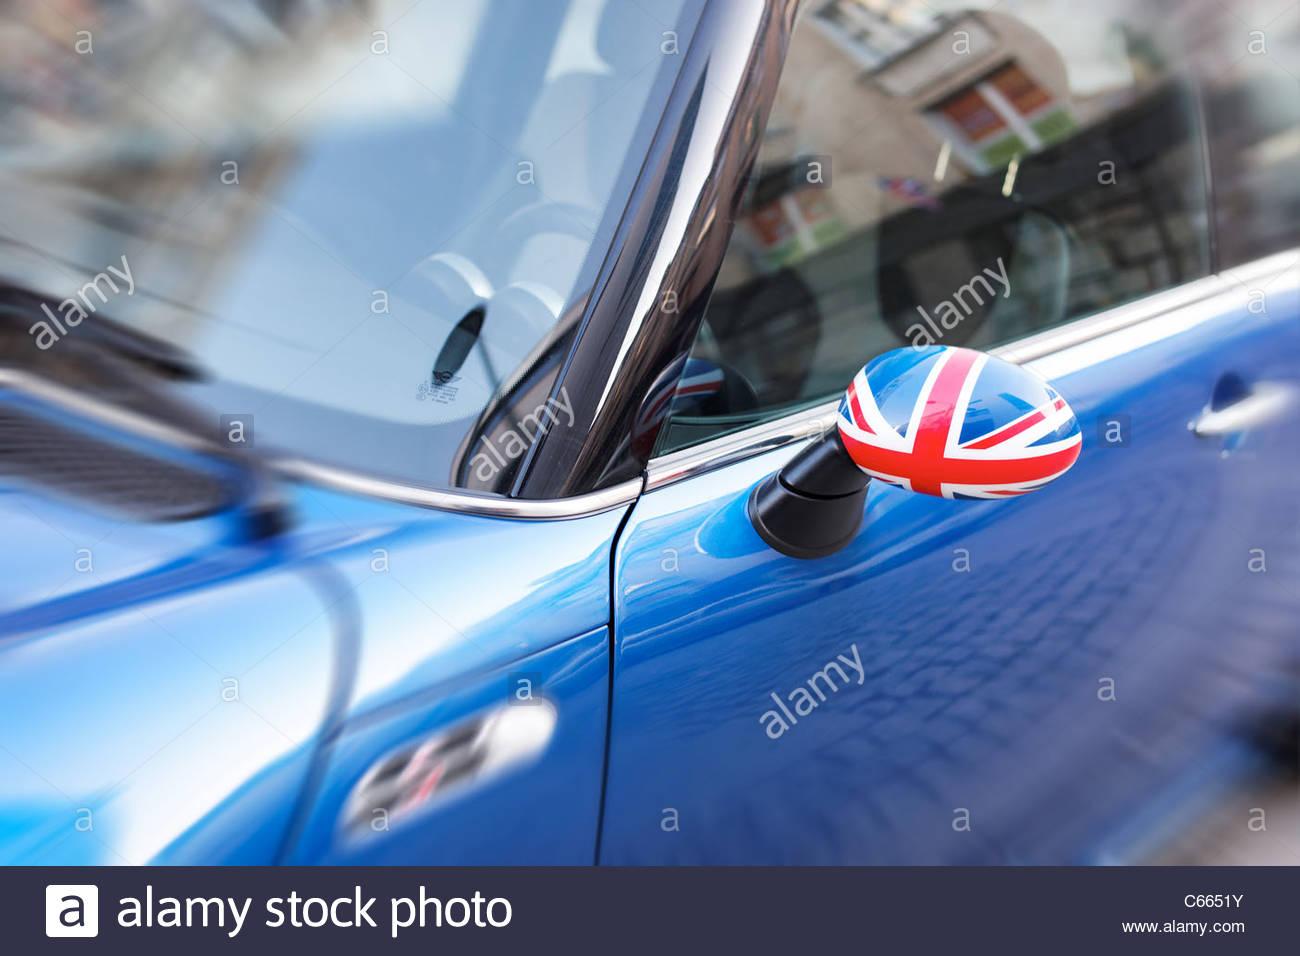 El patriotismo británico muestra en coche espejo Imagen De Stock